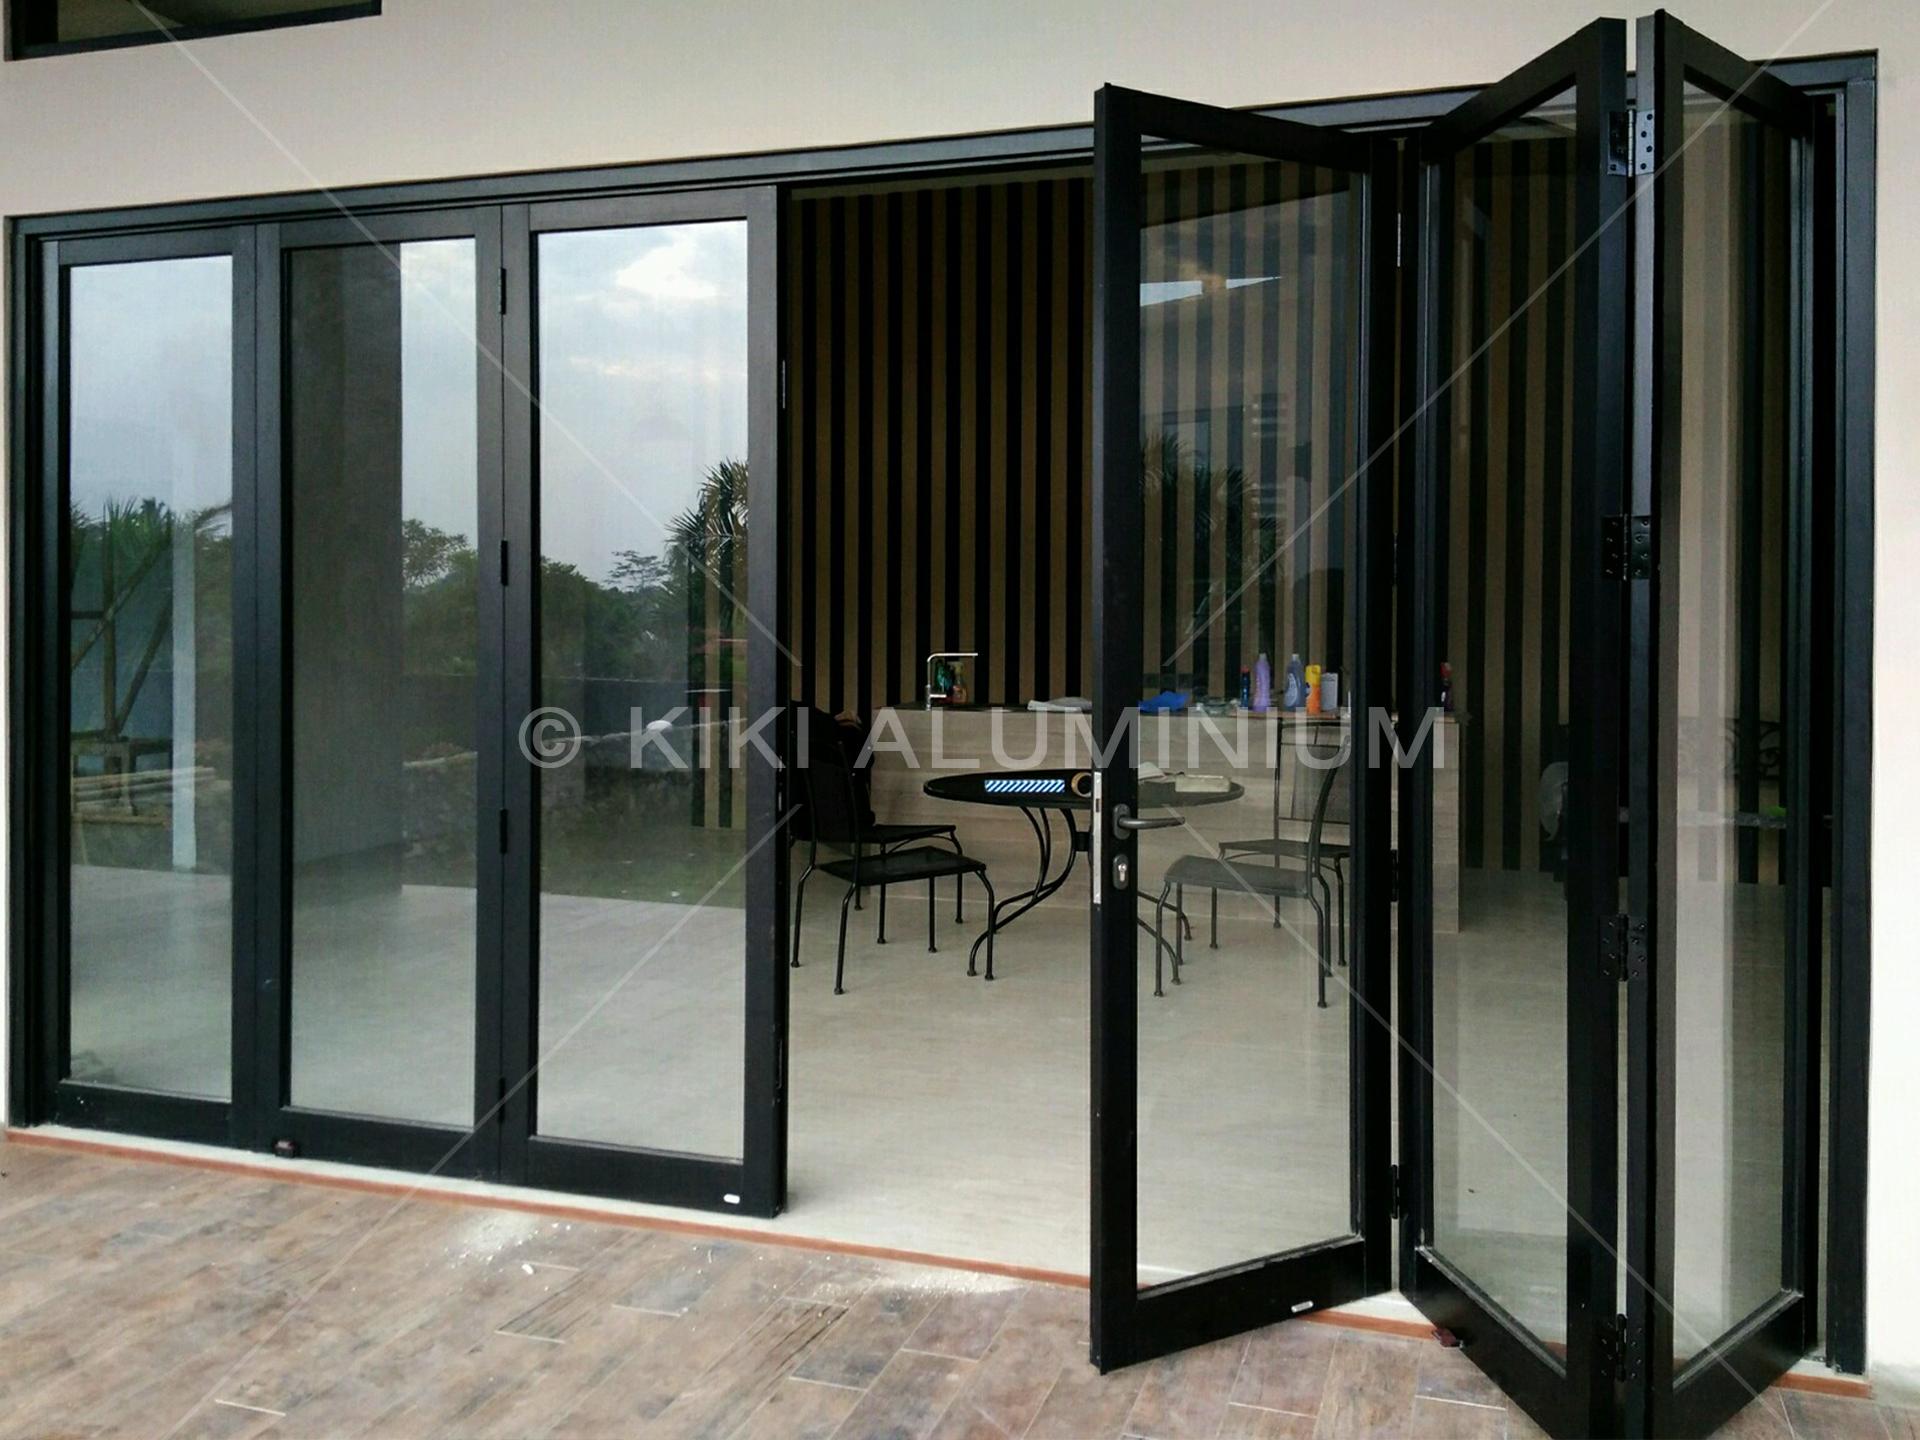 Pintu Lipat Aluminium Hitam Poweder Coating Kiki Aluminium